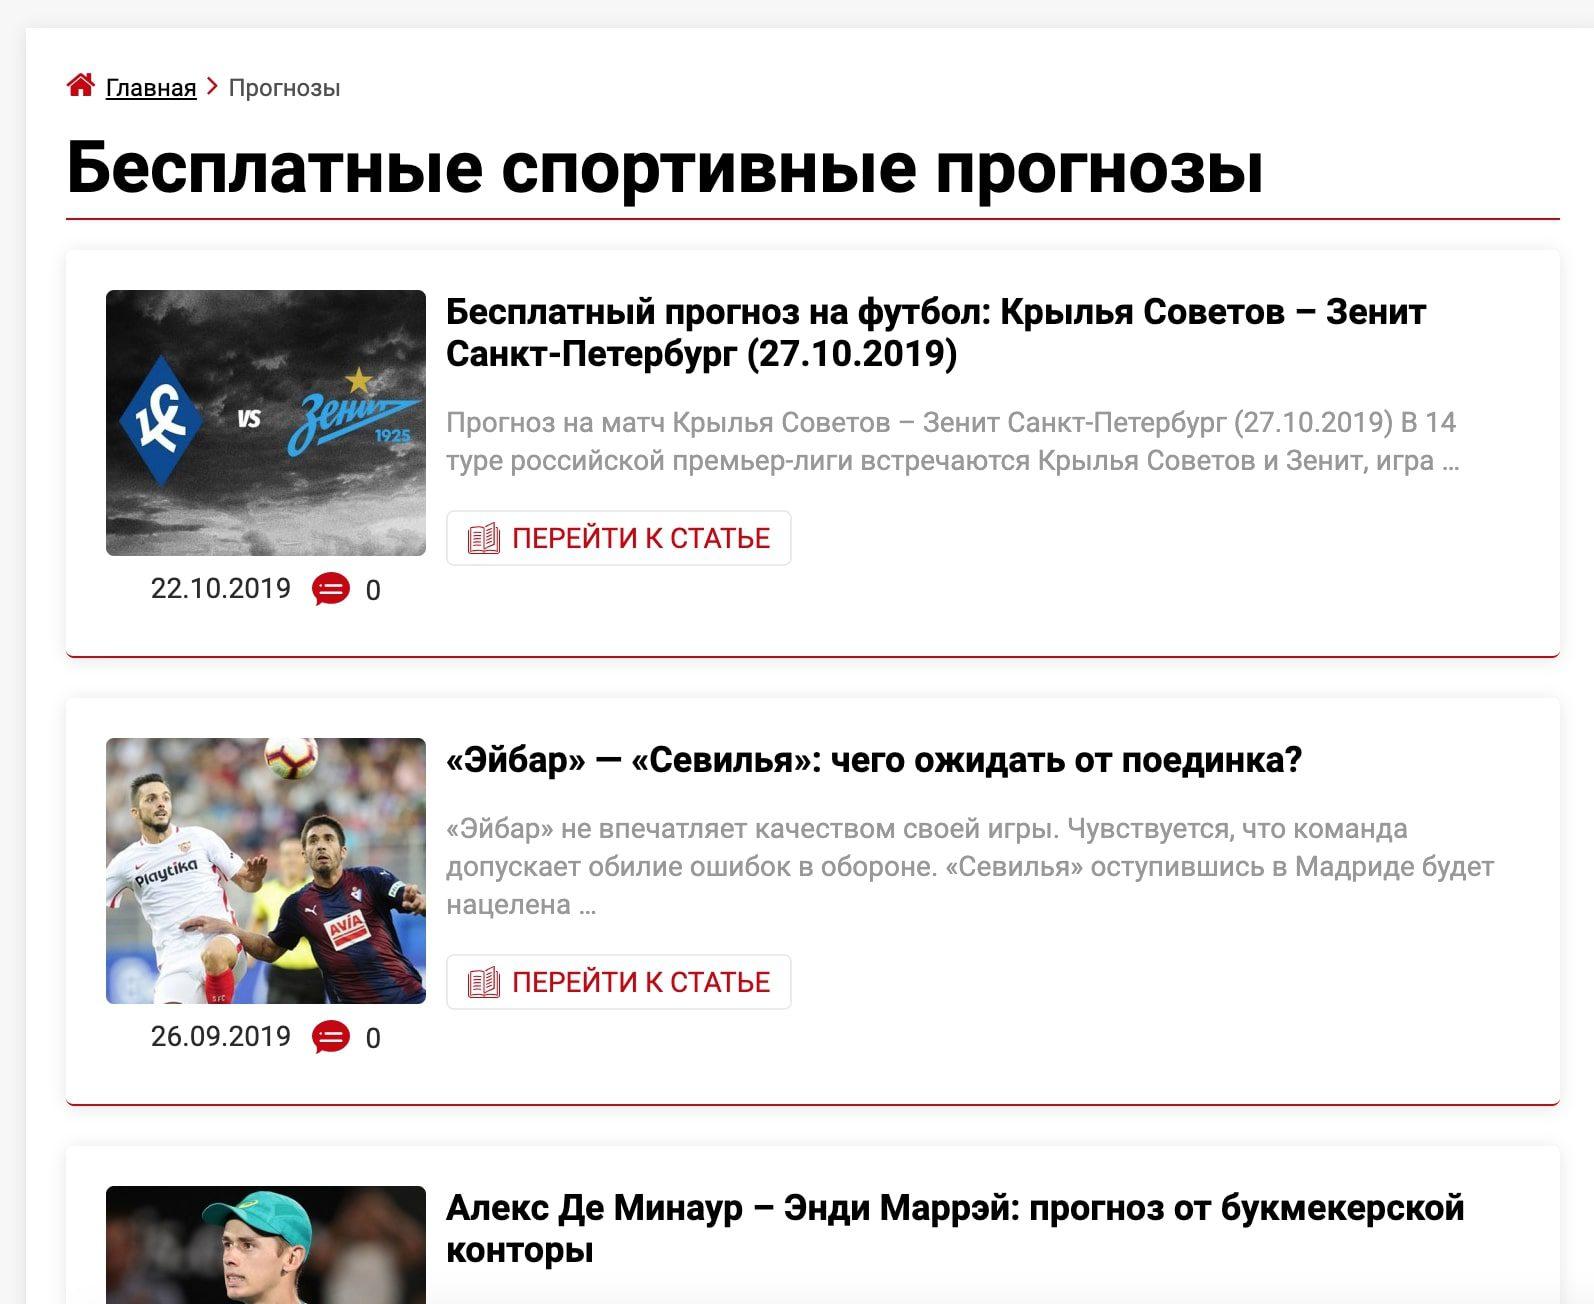 Бесплатные прогнозы на сайте Kaper.pro (Каперпро)